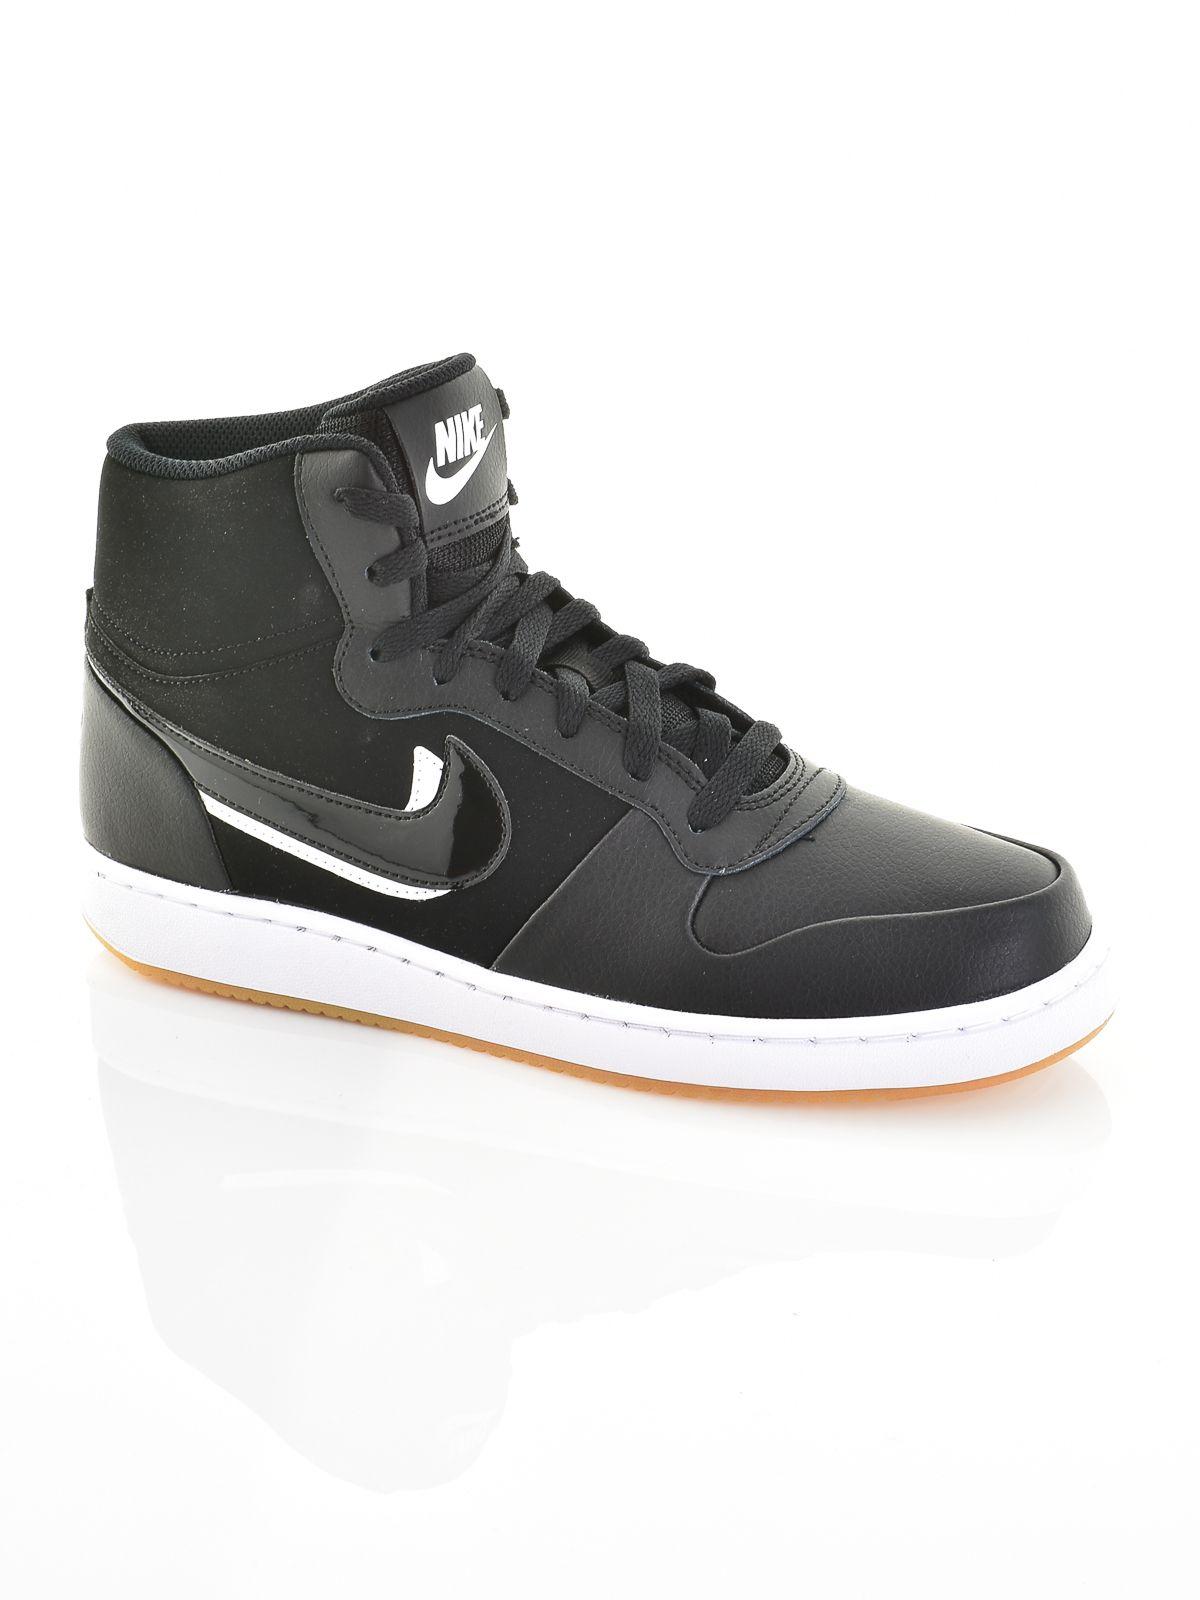 916f2a36a980 Nike férfi magasszárú cipő EBERNON MID PREM | Markasbolt.hu ...